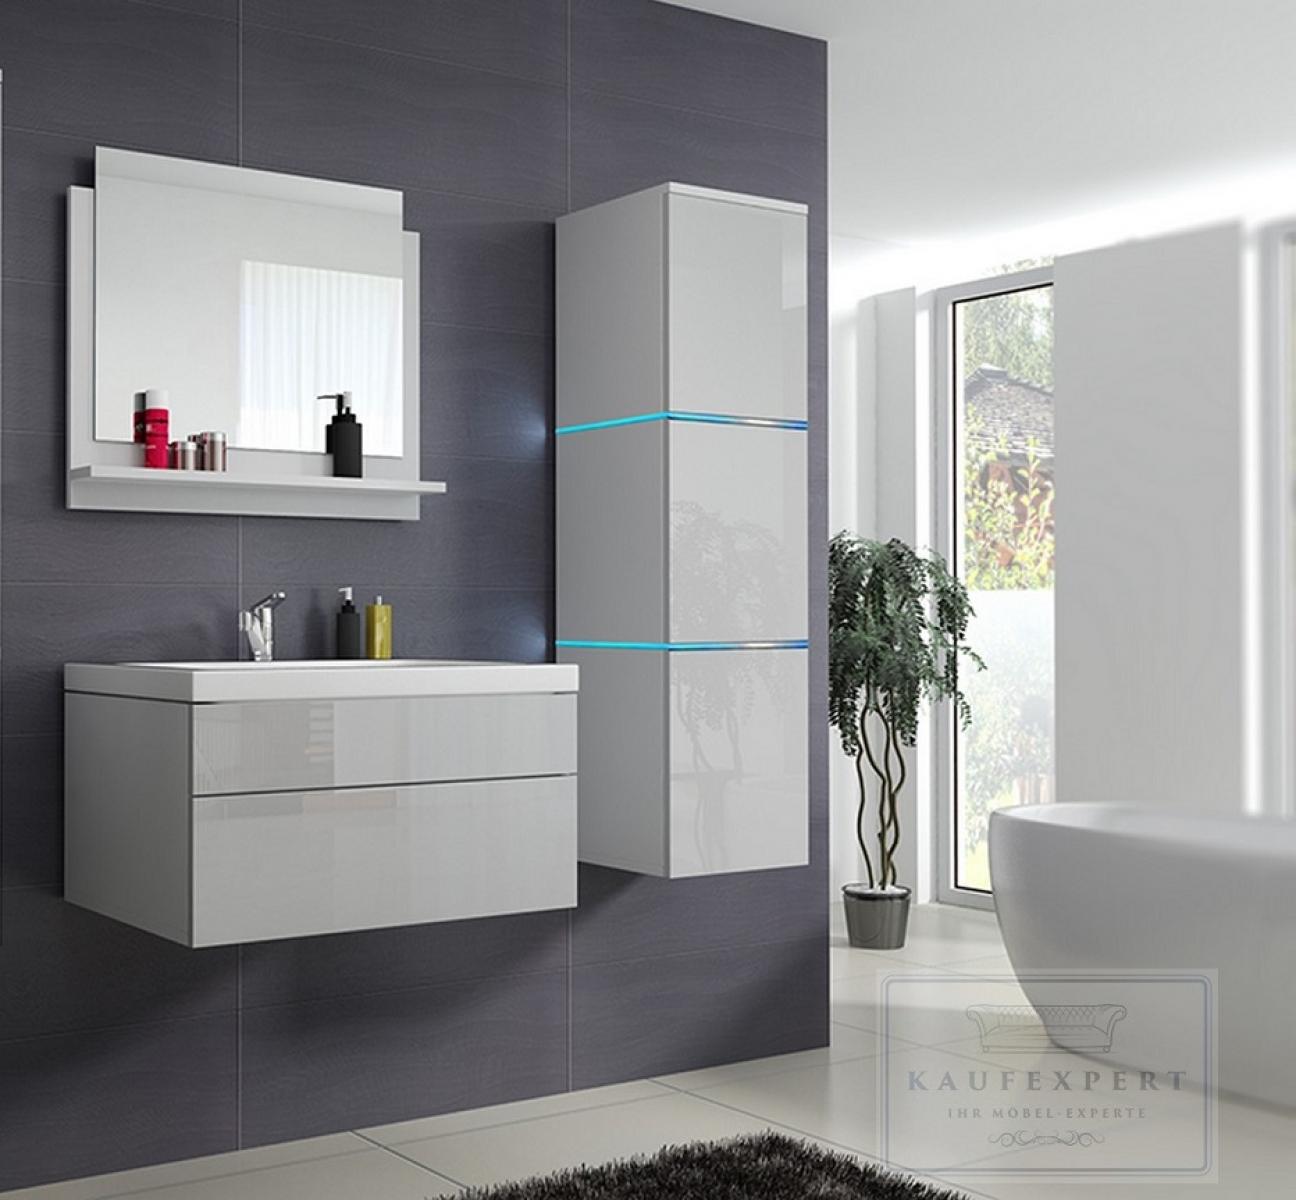 kaufexpert - badmöbel-set lux 1 weiß hochglanz keramik waschbecken, Badezimmer